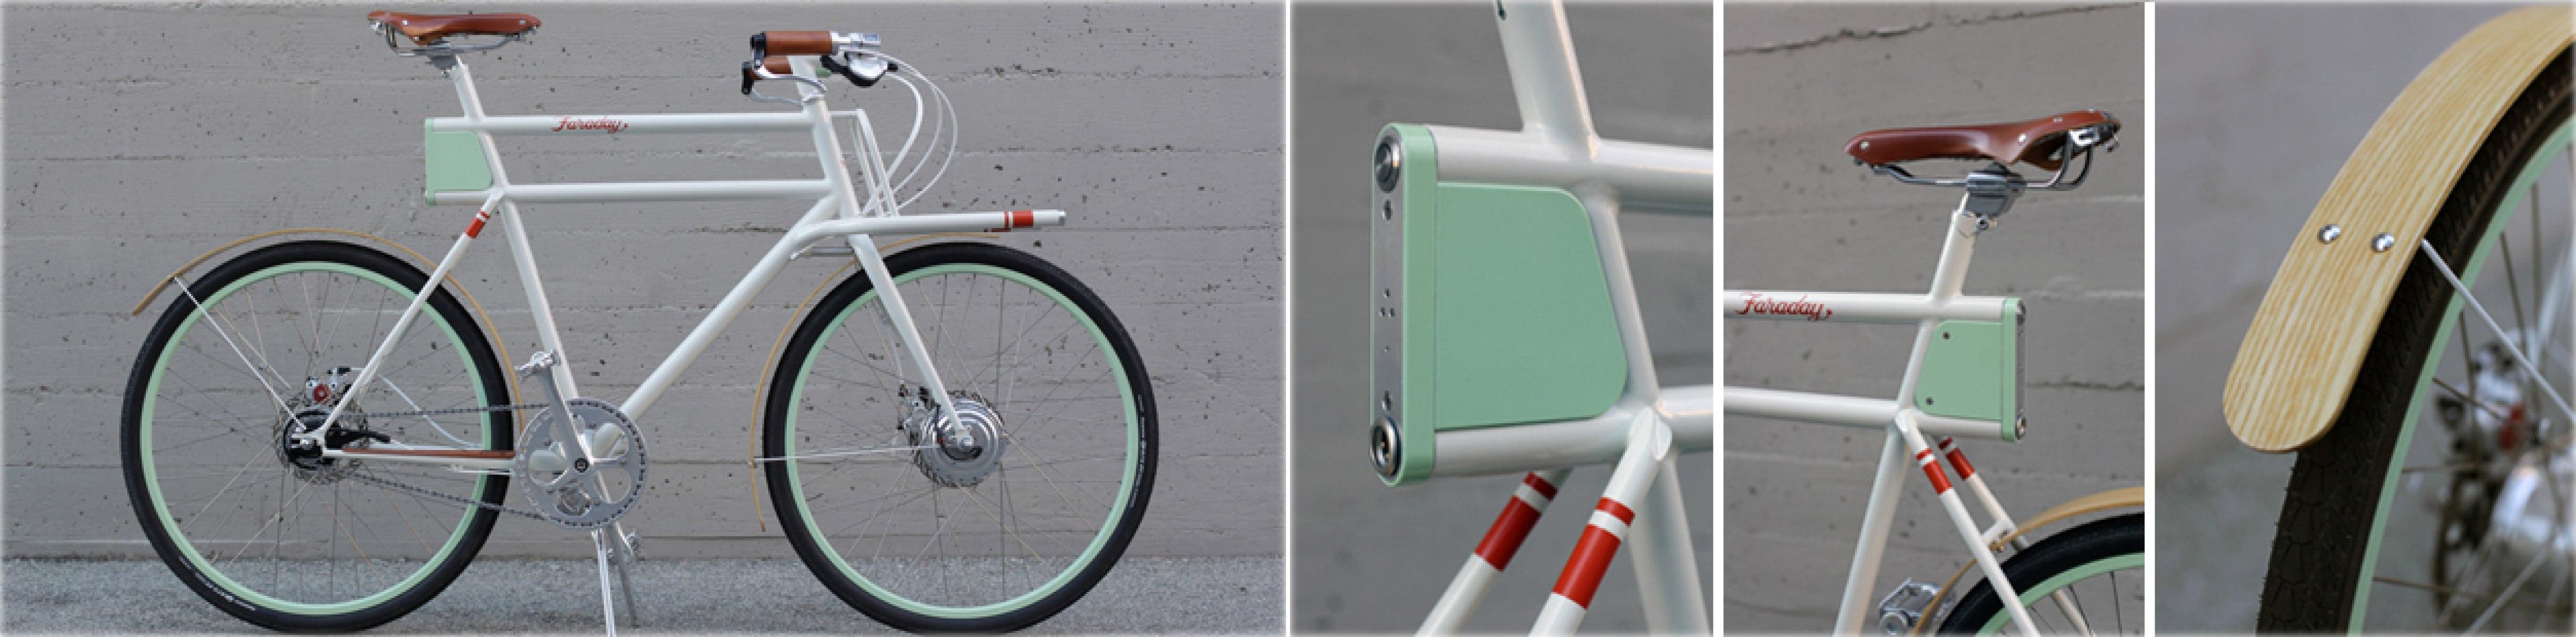 Bicicleta para el Oregon Manifest. Fotografía © 2012 IDEO.